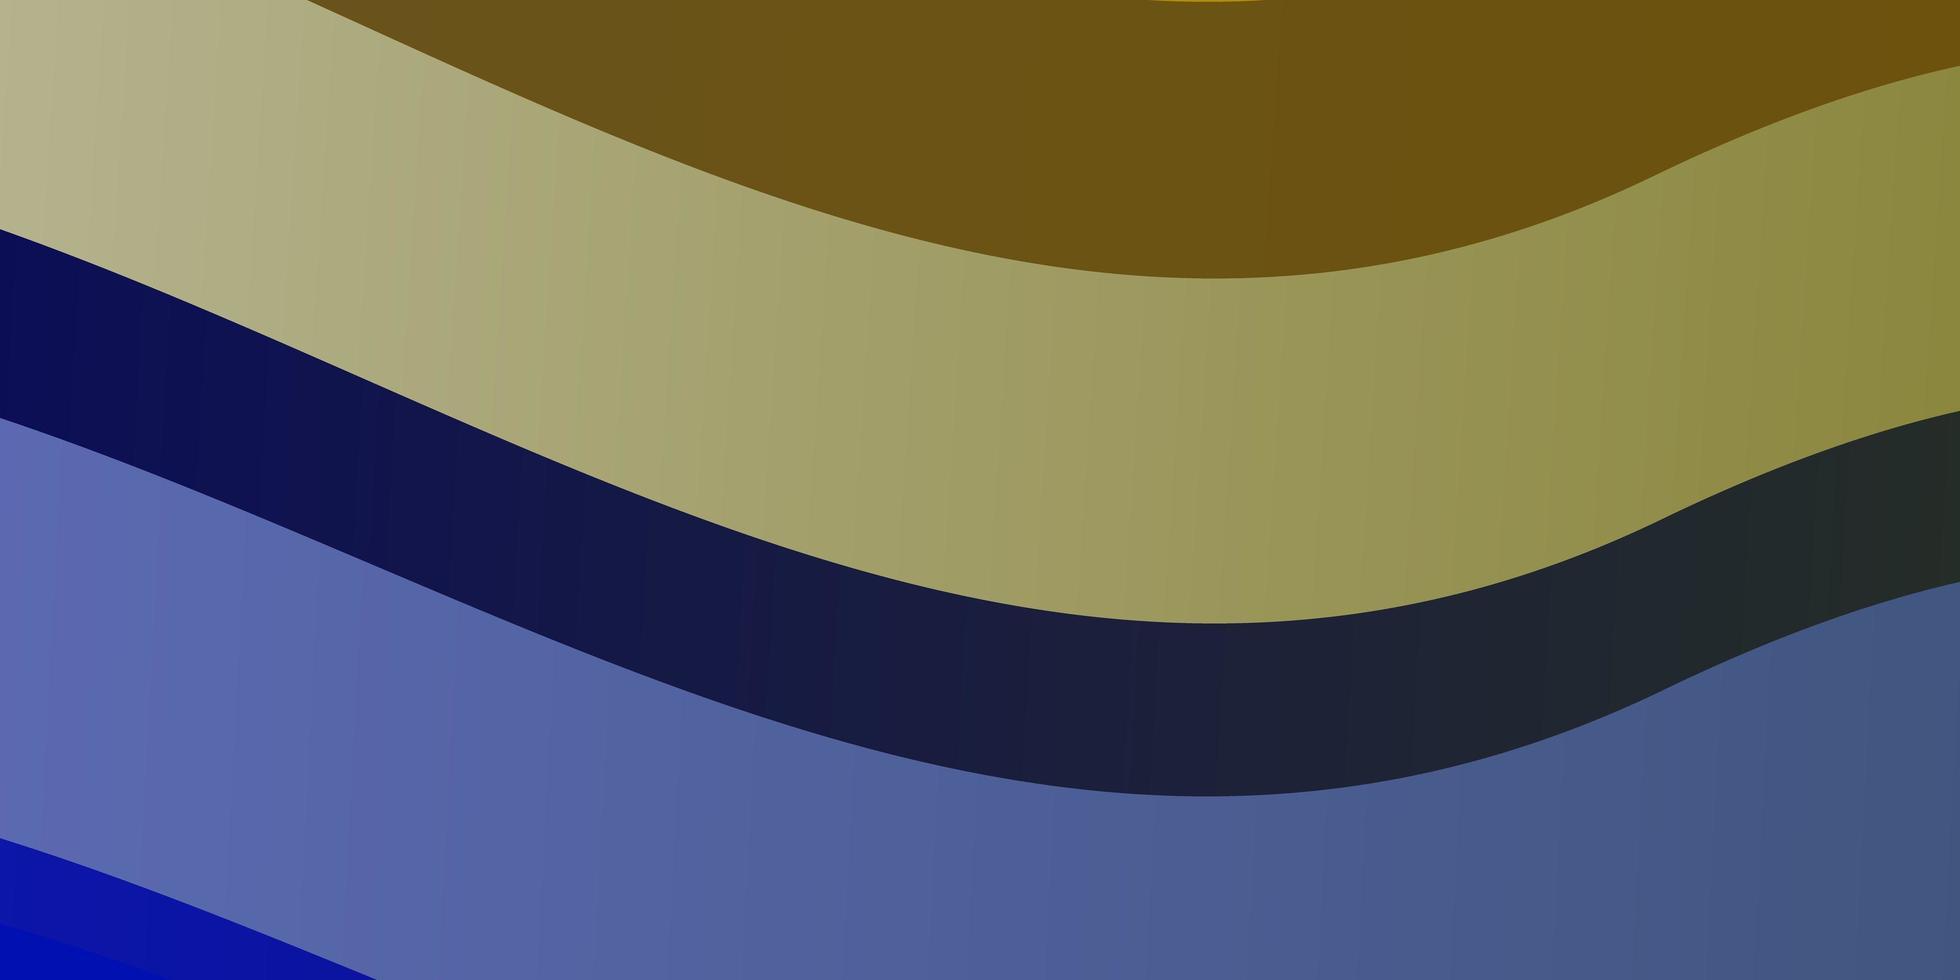 texture bleu clair, jaune avec arc de cercle. vecteur